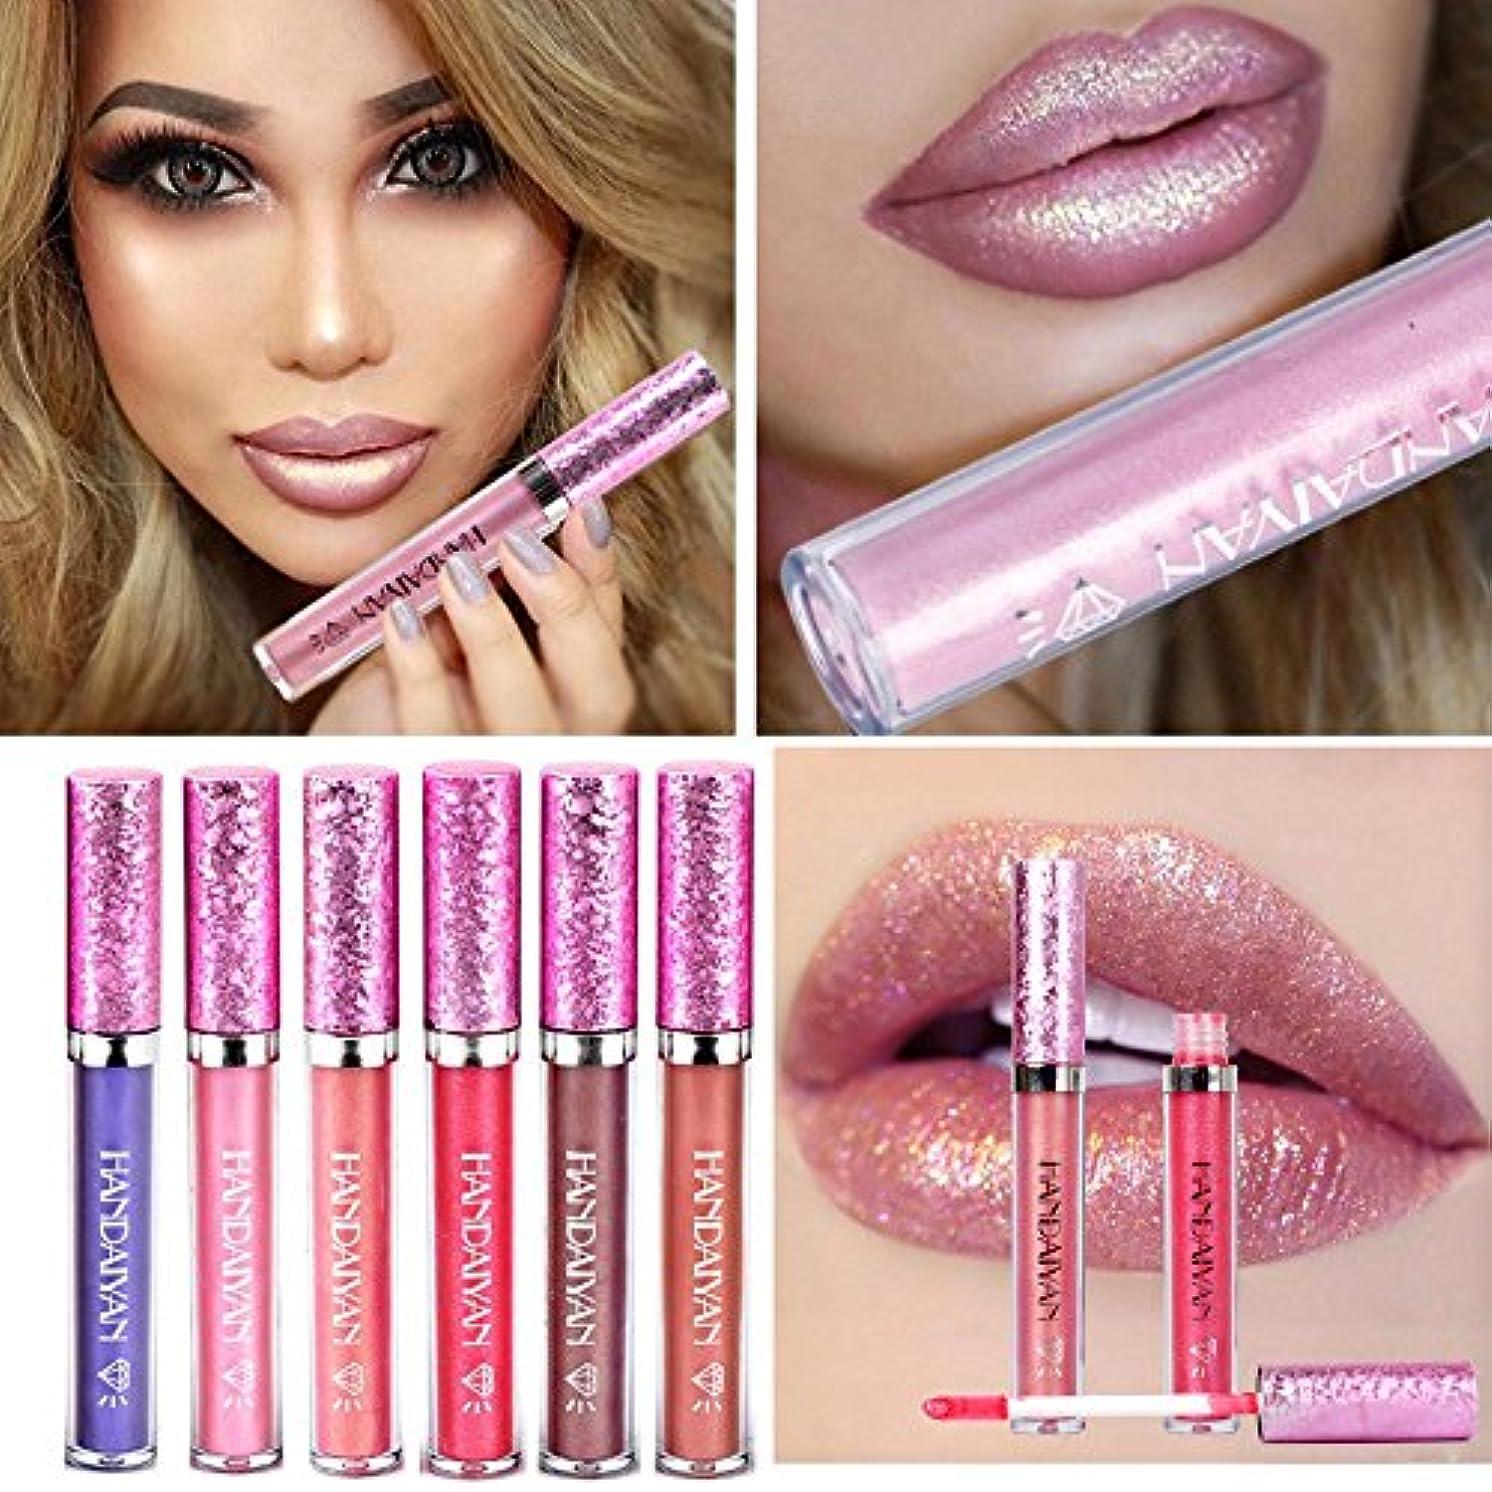 花輪ラップ驚くばかりHANDAIYAN Liquid Pearly Glitter Lipsticks Set - 6 pcs Long Lasting Nonstick Lip Gloss Mermaid Waterproof Lipstick...